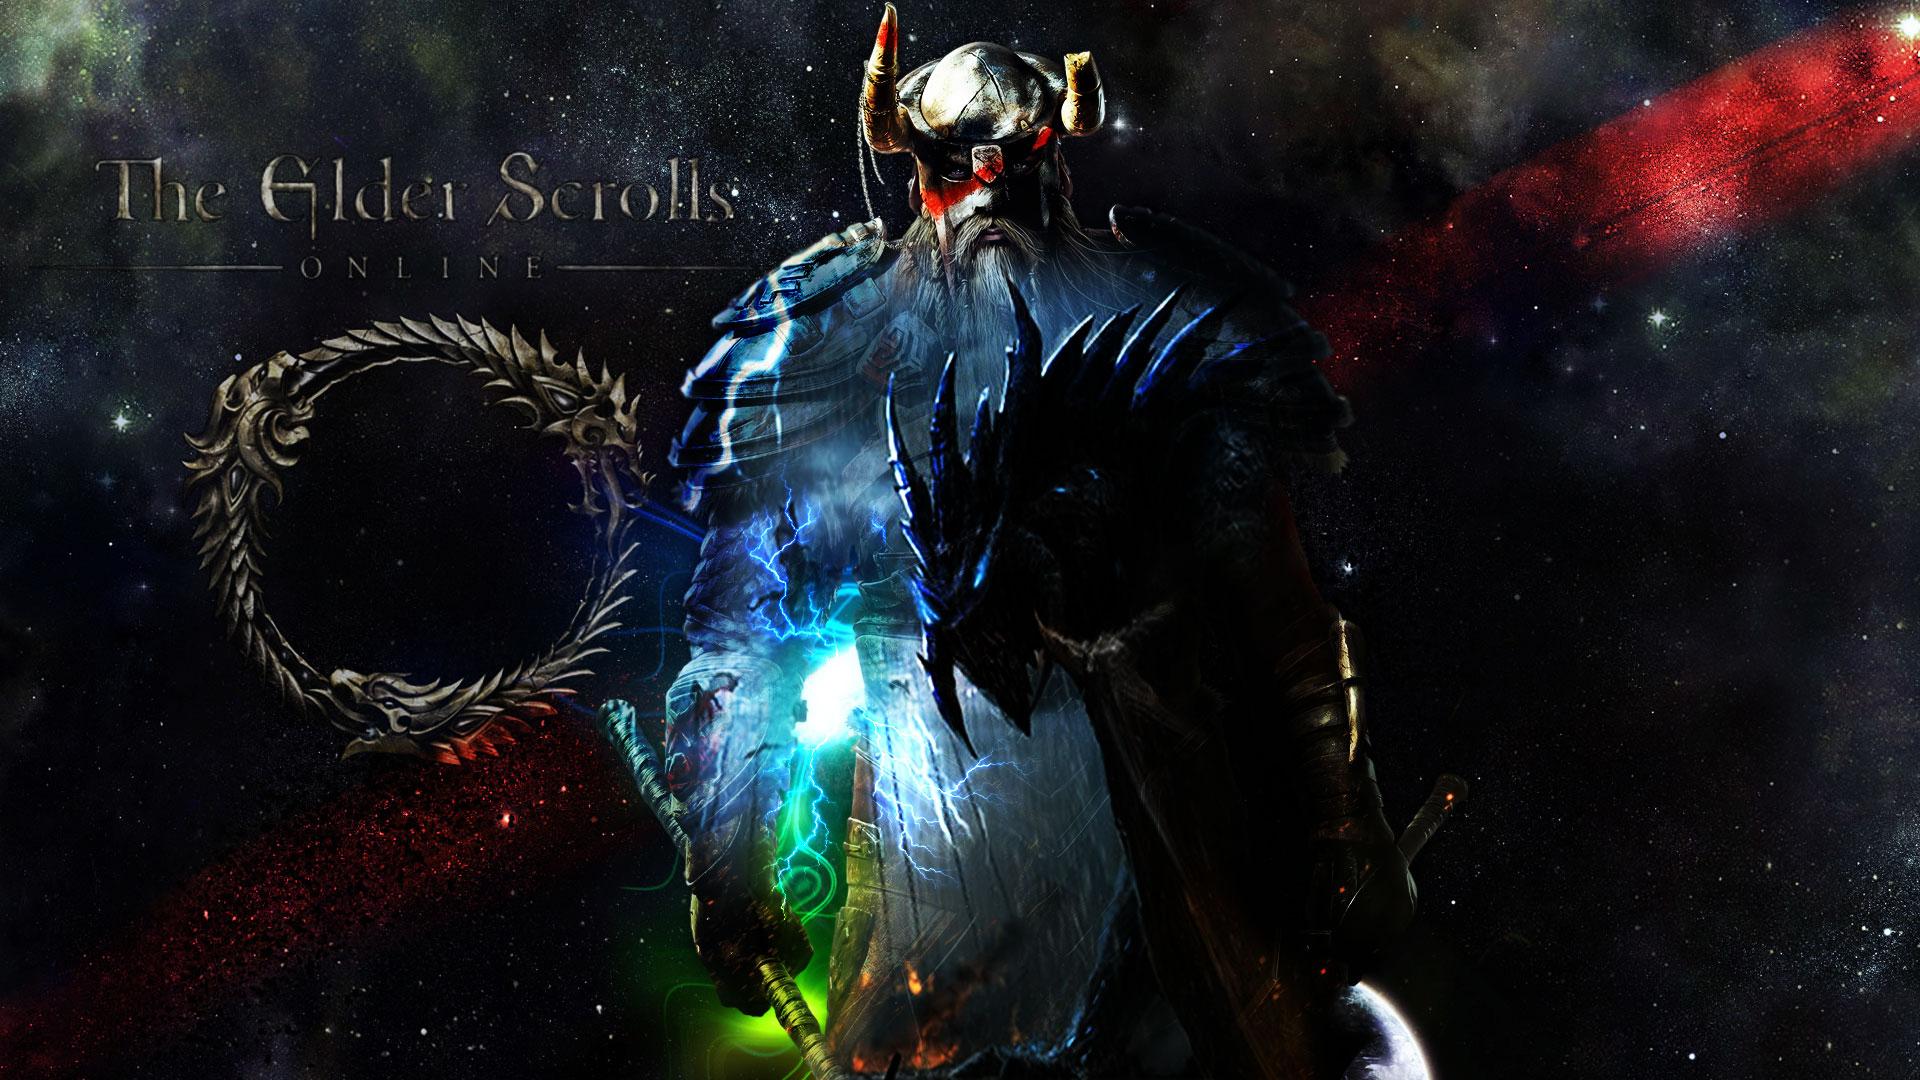 The Elder Scrolls Online Legends Wallpapers: The Elder Scrolls Online Wallpapers, Pictures, Images